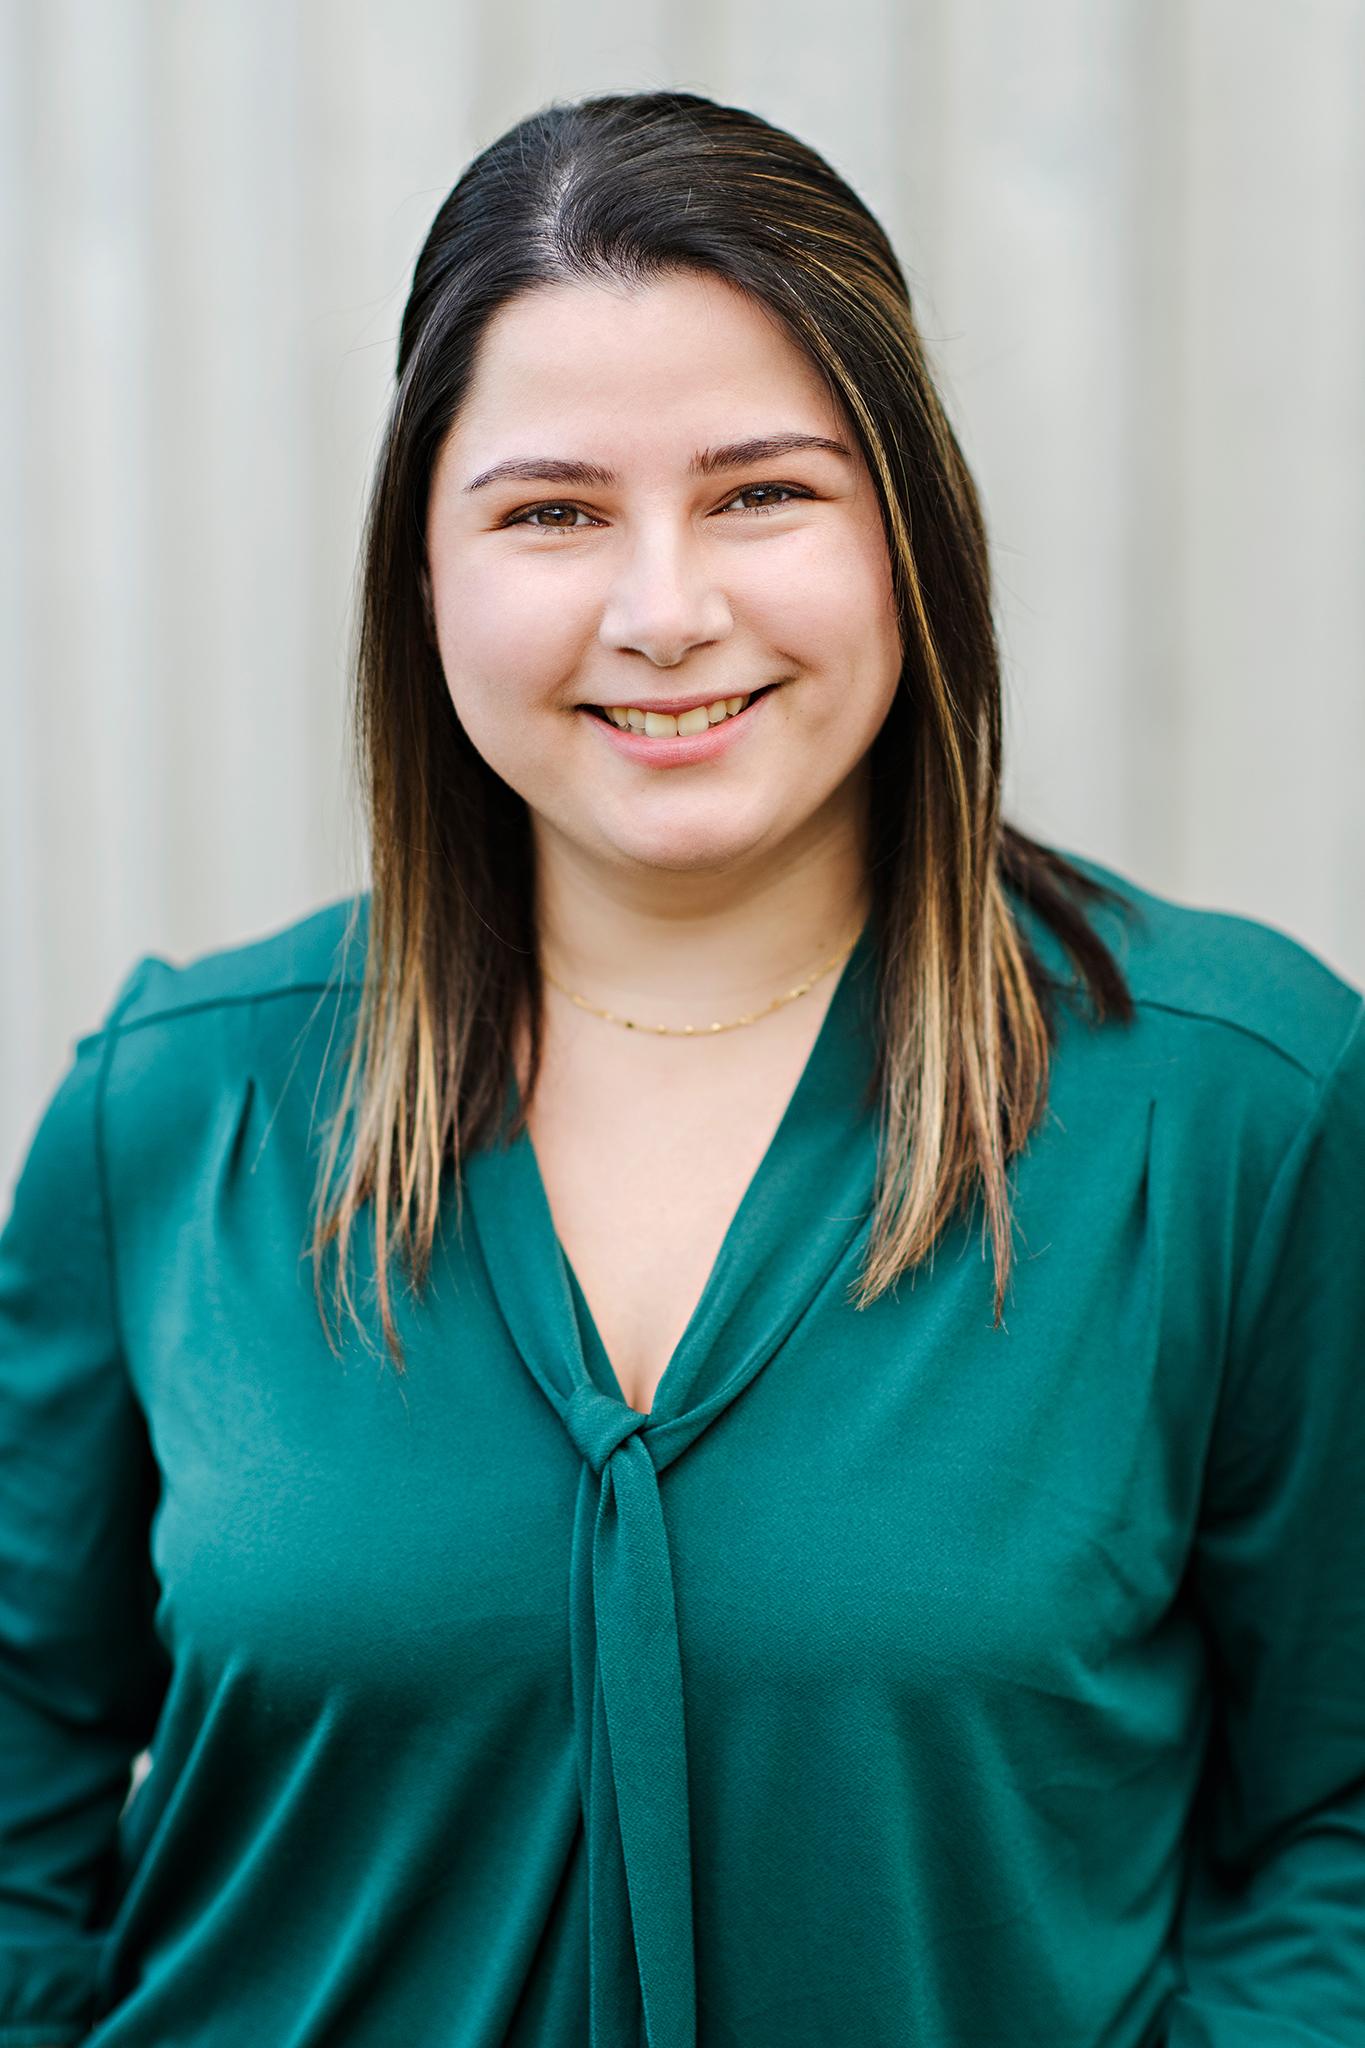 Cassandra Salatas